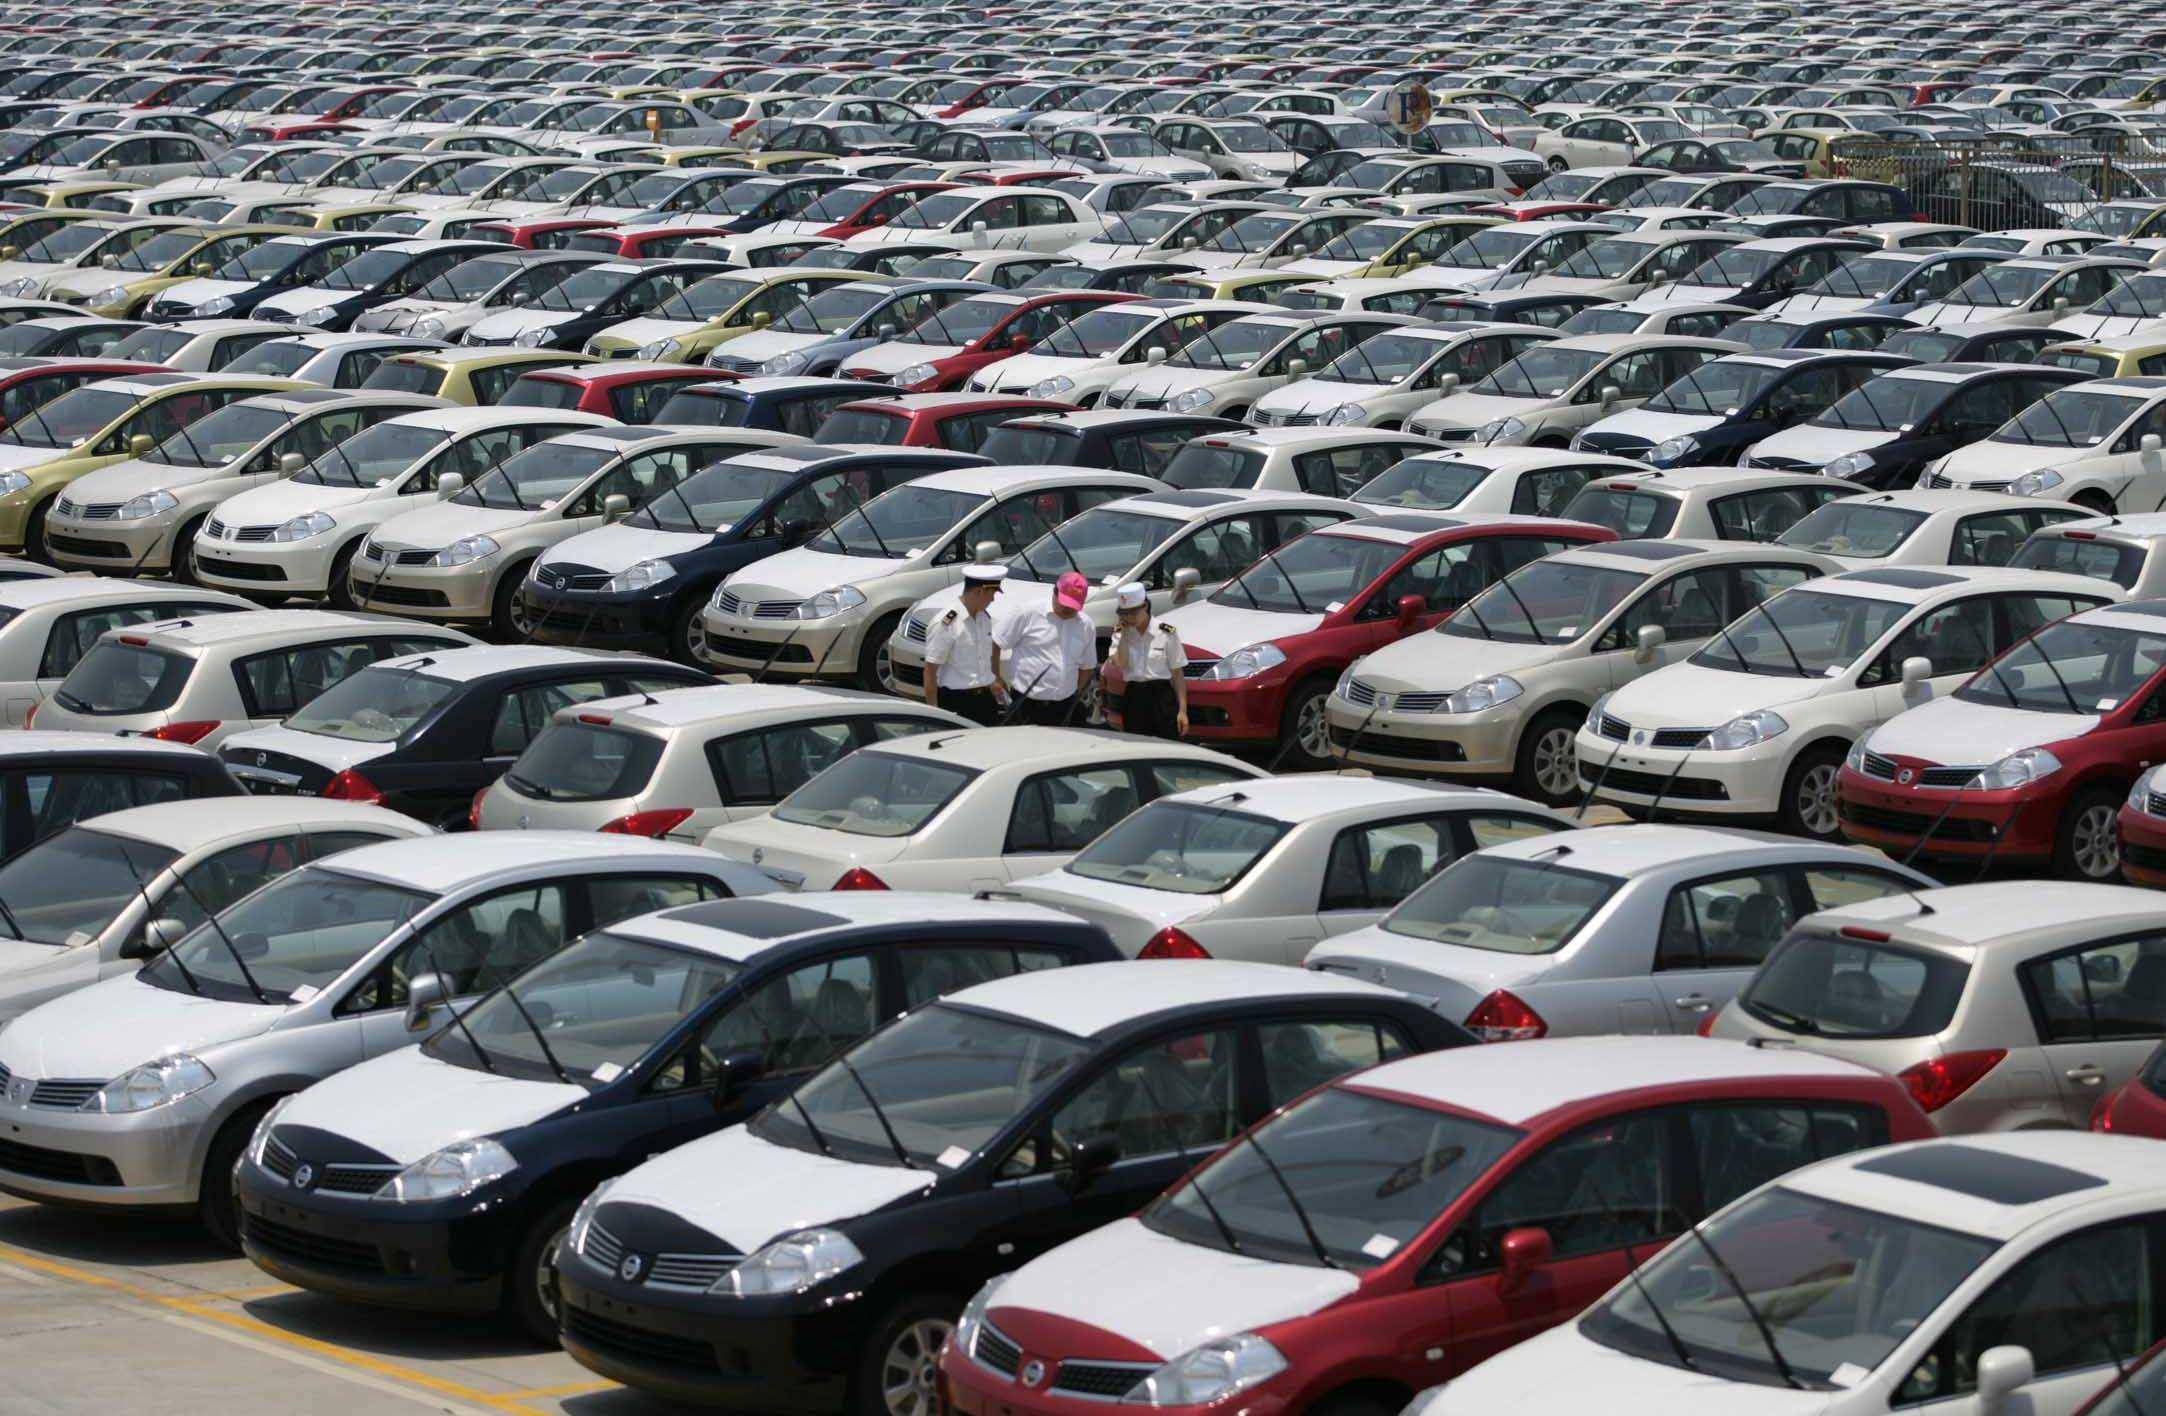 众泰汽车市值蒸发124亿跌破净资产 质量问题频发